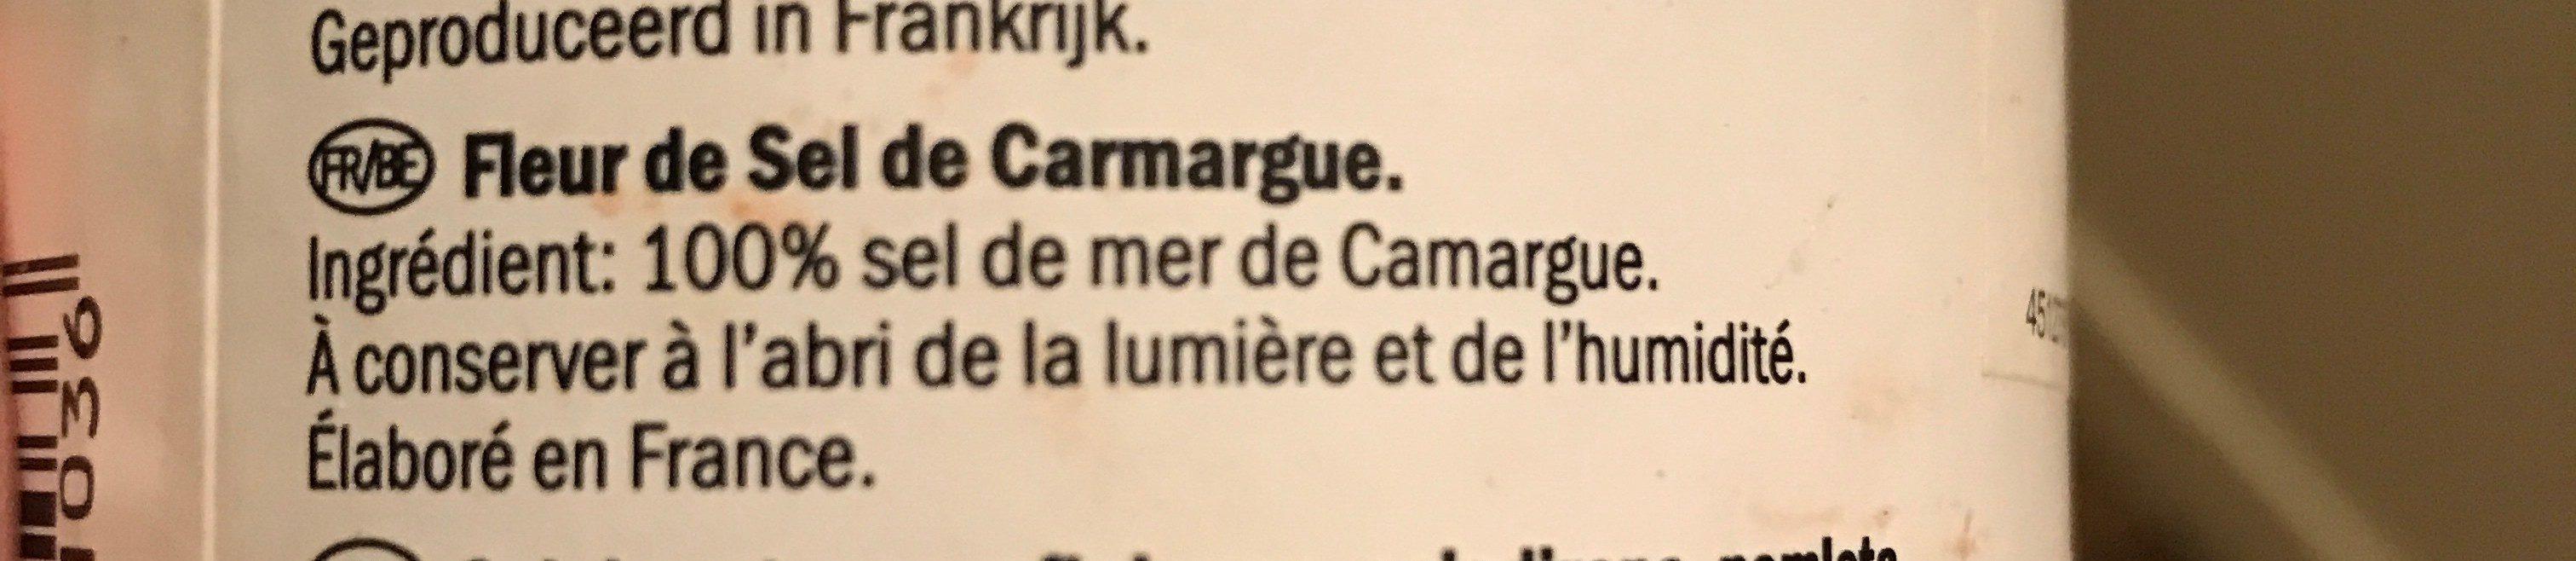 Fleur De Sel de Camargue - Ingrédients - fr